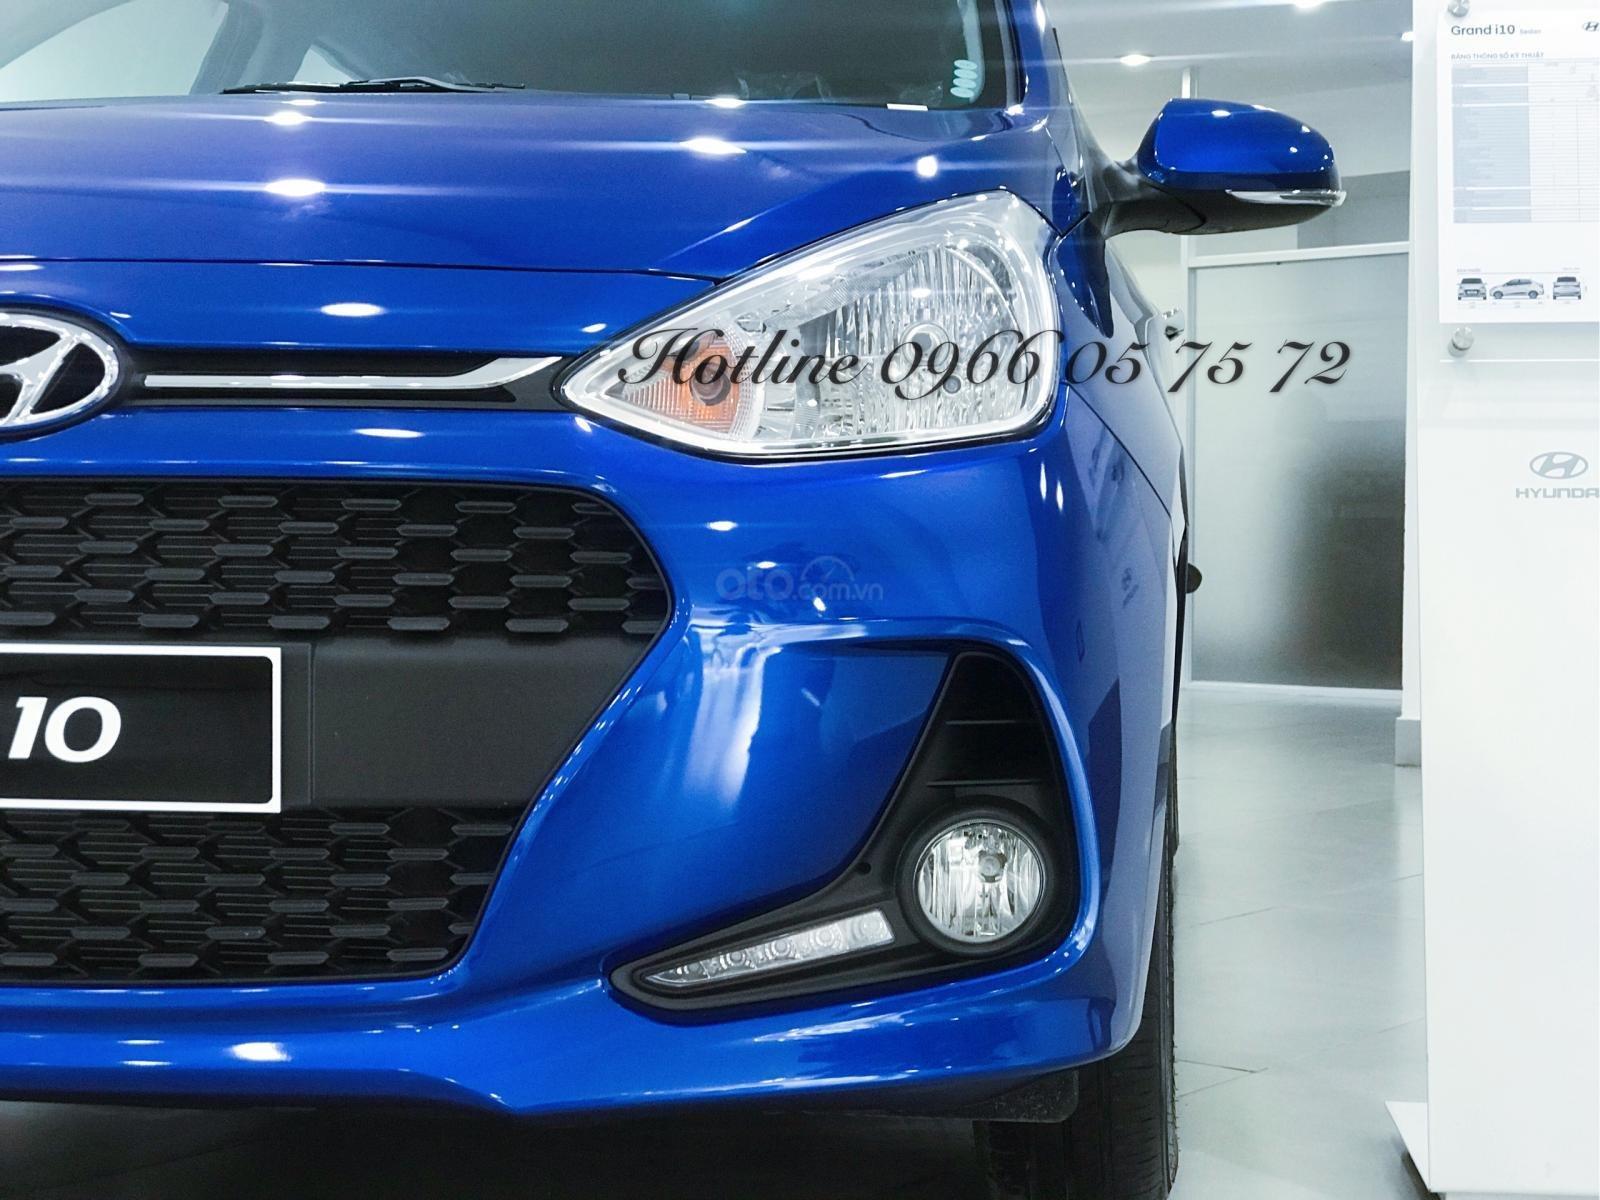 Bán Hyundai i10 1.2 số tự động, màu xanh cực hot - xe giao sớm - nhiều ưu đãi cực hot-1